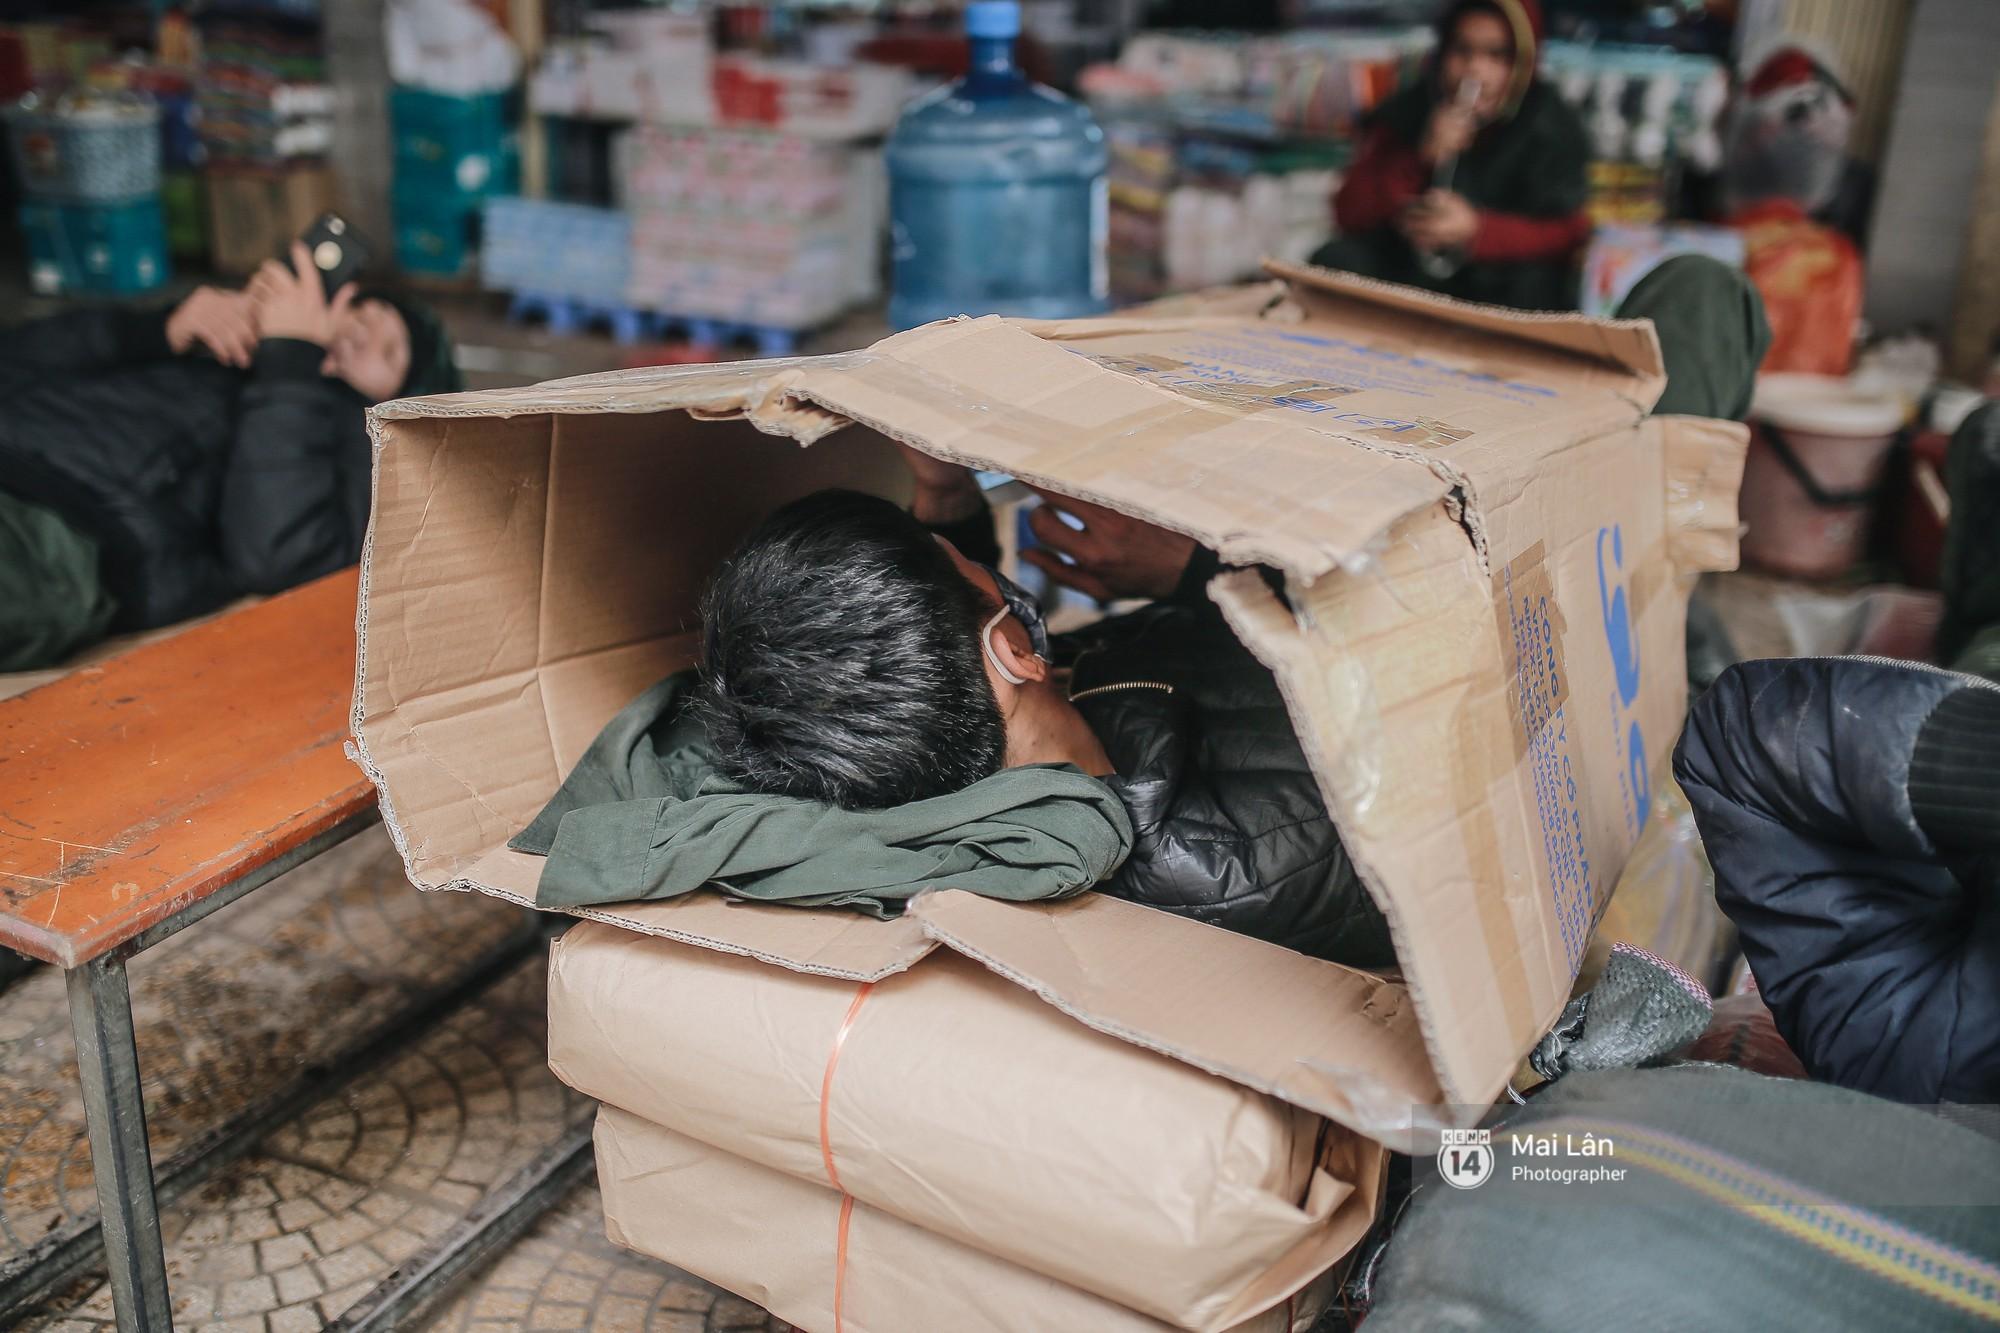 Chùm ảnh: Hà Nội giá rét 10 độ, một chiếc thùng carton hay manh áo mưa cũng khiến người lao động nghèo ấm hơn - Ảnh 14.